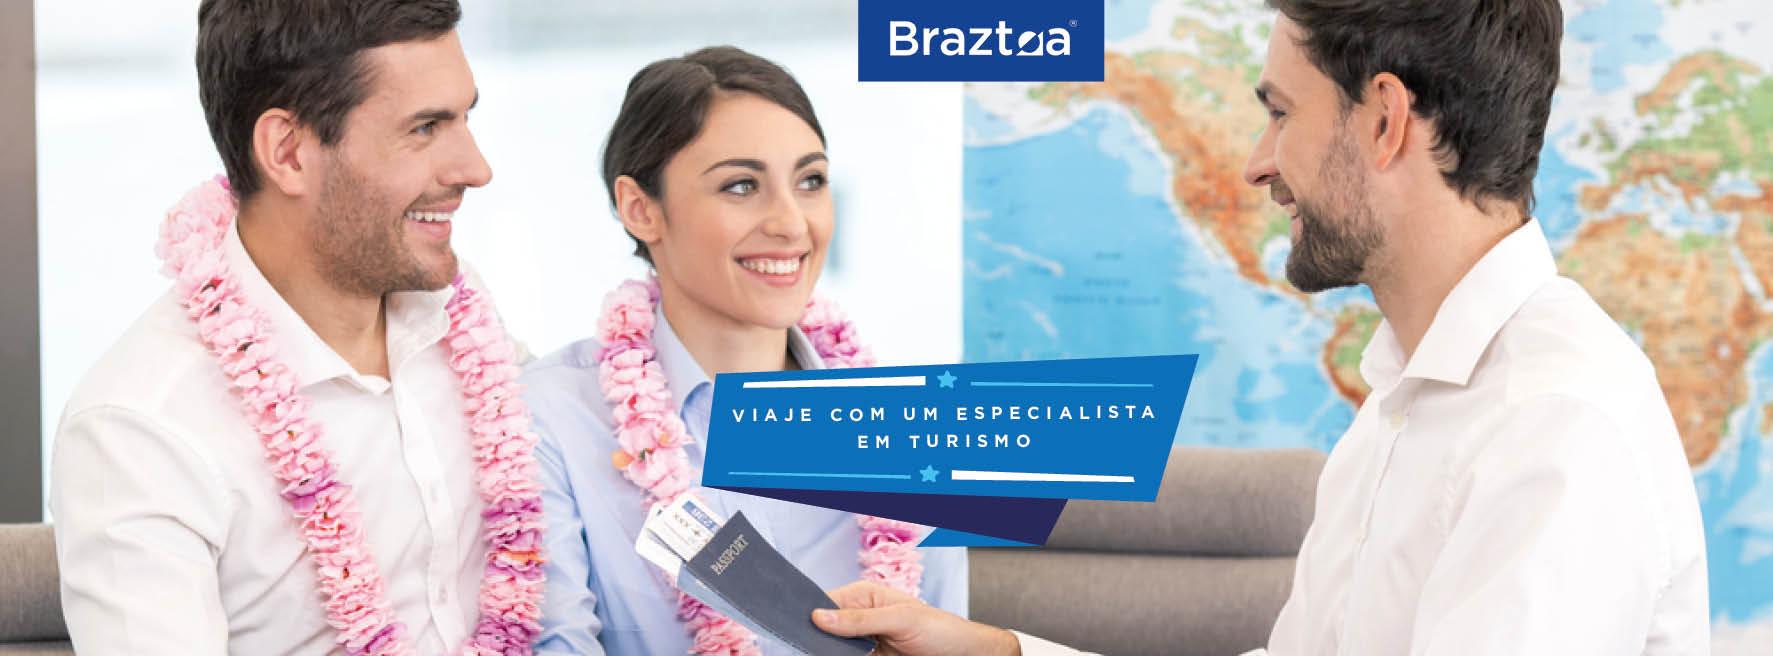 A Braztoa (Associação Brasileira das Operadoras de Turismo) reúne operadoras de turismo, colaboradoras e empresas de representação de produtos e destinos, além de convidados, responsáveis por estimados 90% das viagens organizadas de lazer, comercializados pela cadeia produtiva no Brasil